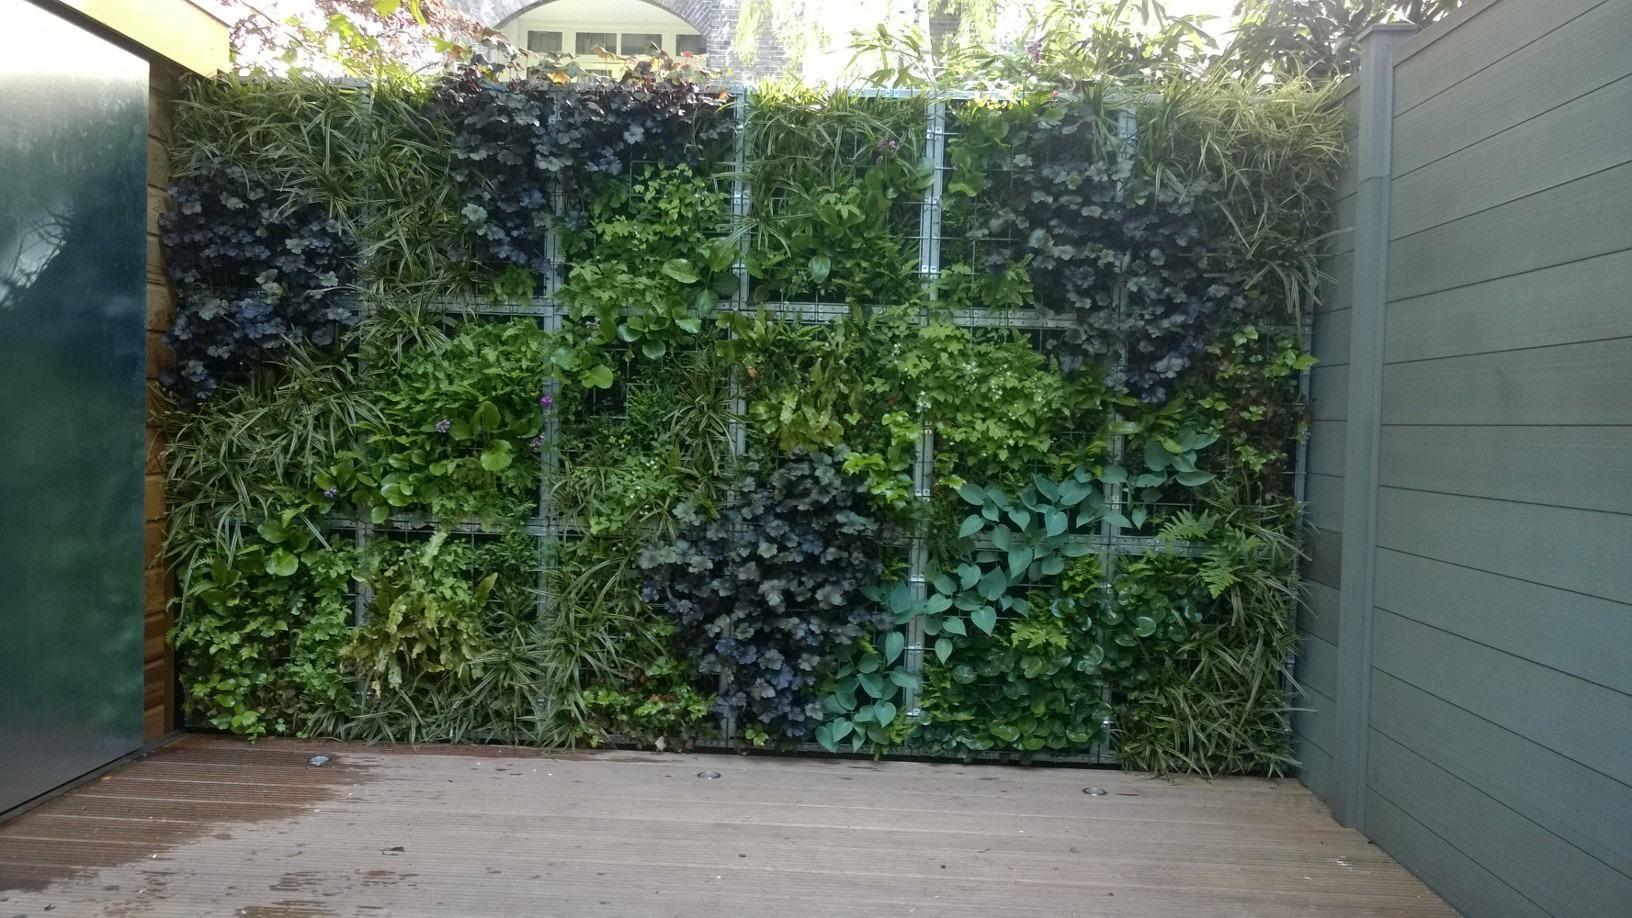 Planting wall verticaal tuinieren gevel groen patio pinterest moderne tuinen tuinen en - Bamboe hek ...